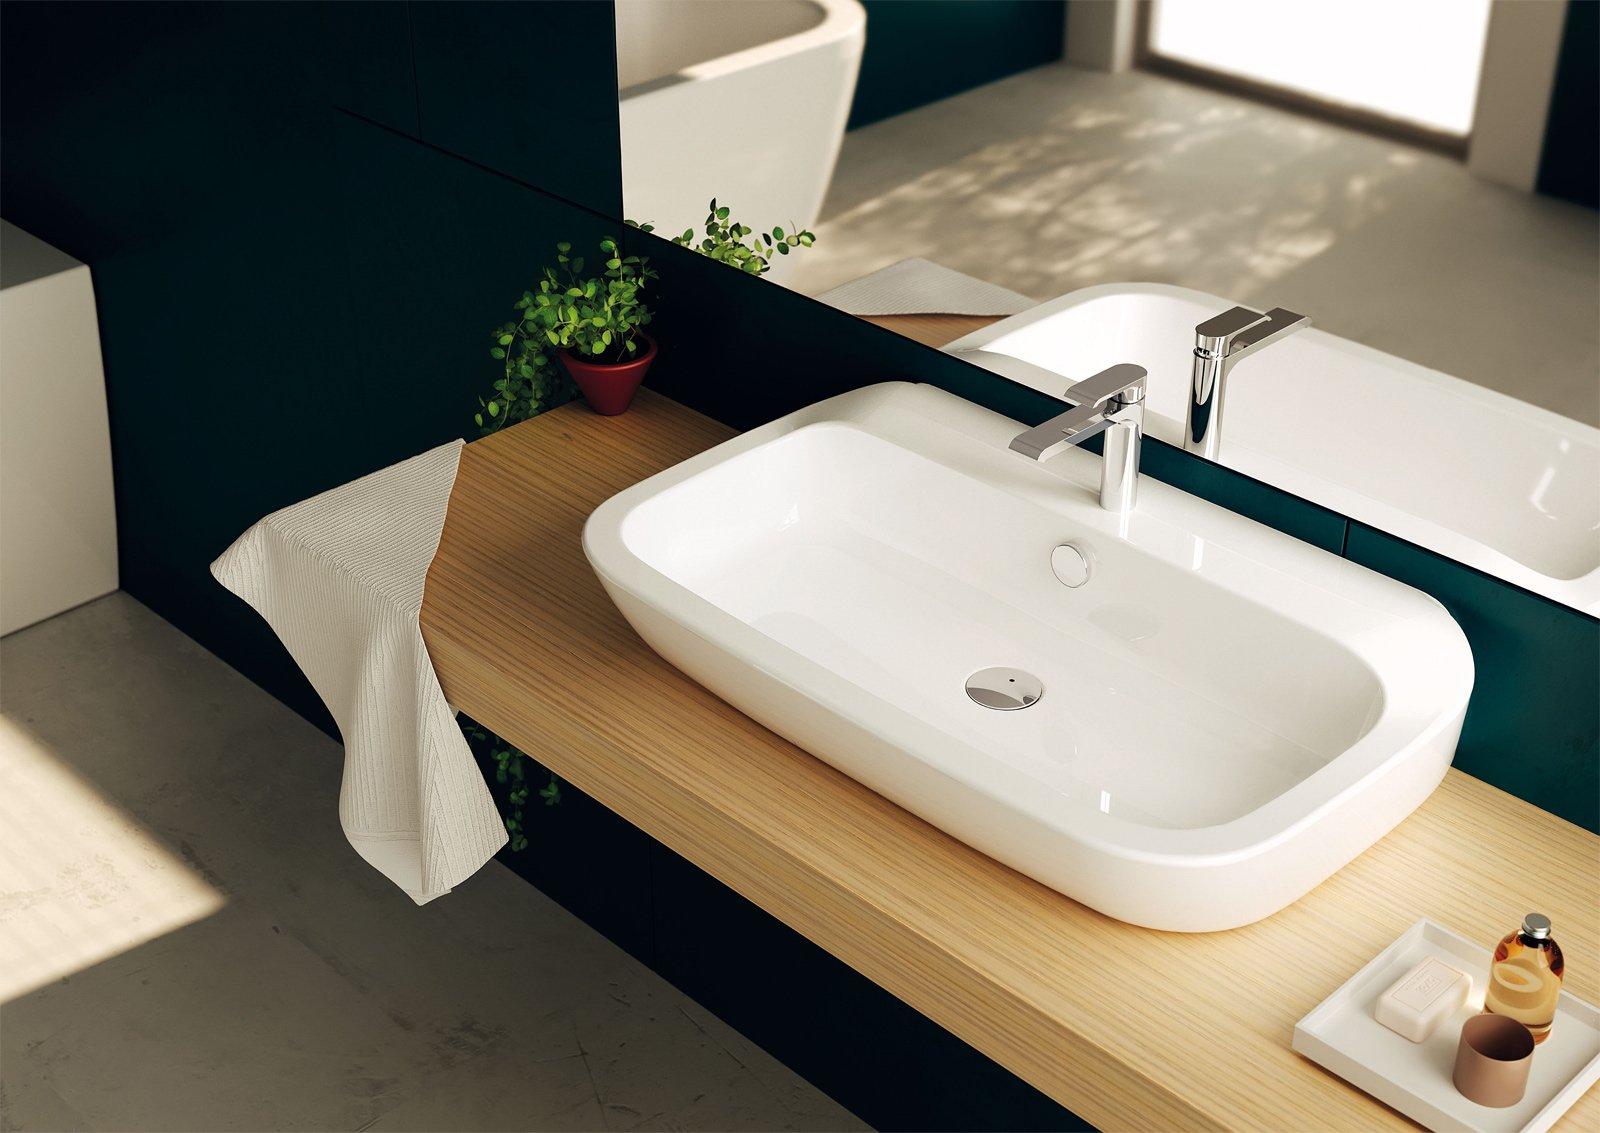 dappoggio il lavabo nauha di teuco in ceramica sanitaria bianca ha forme